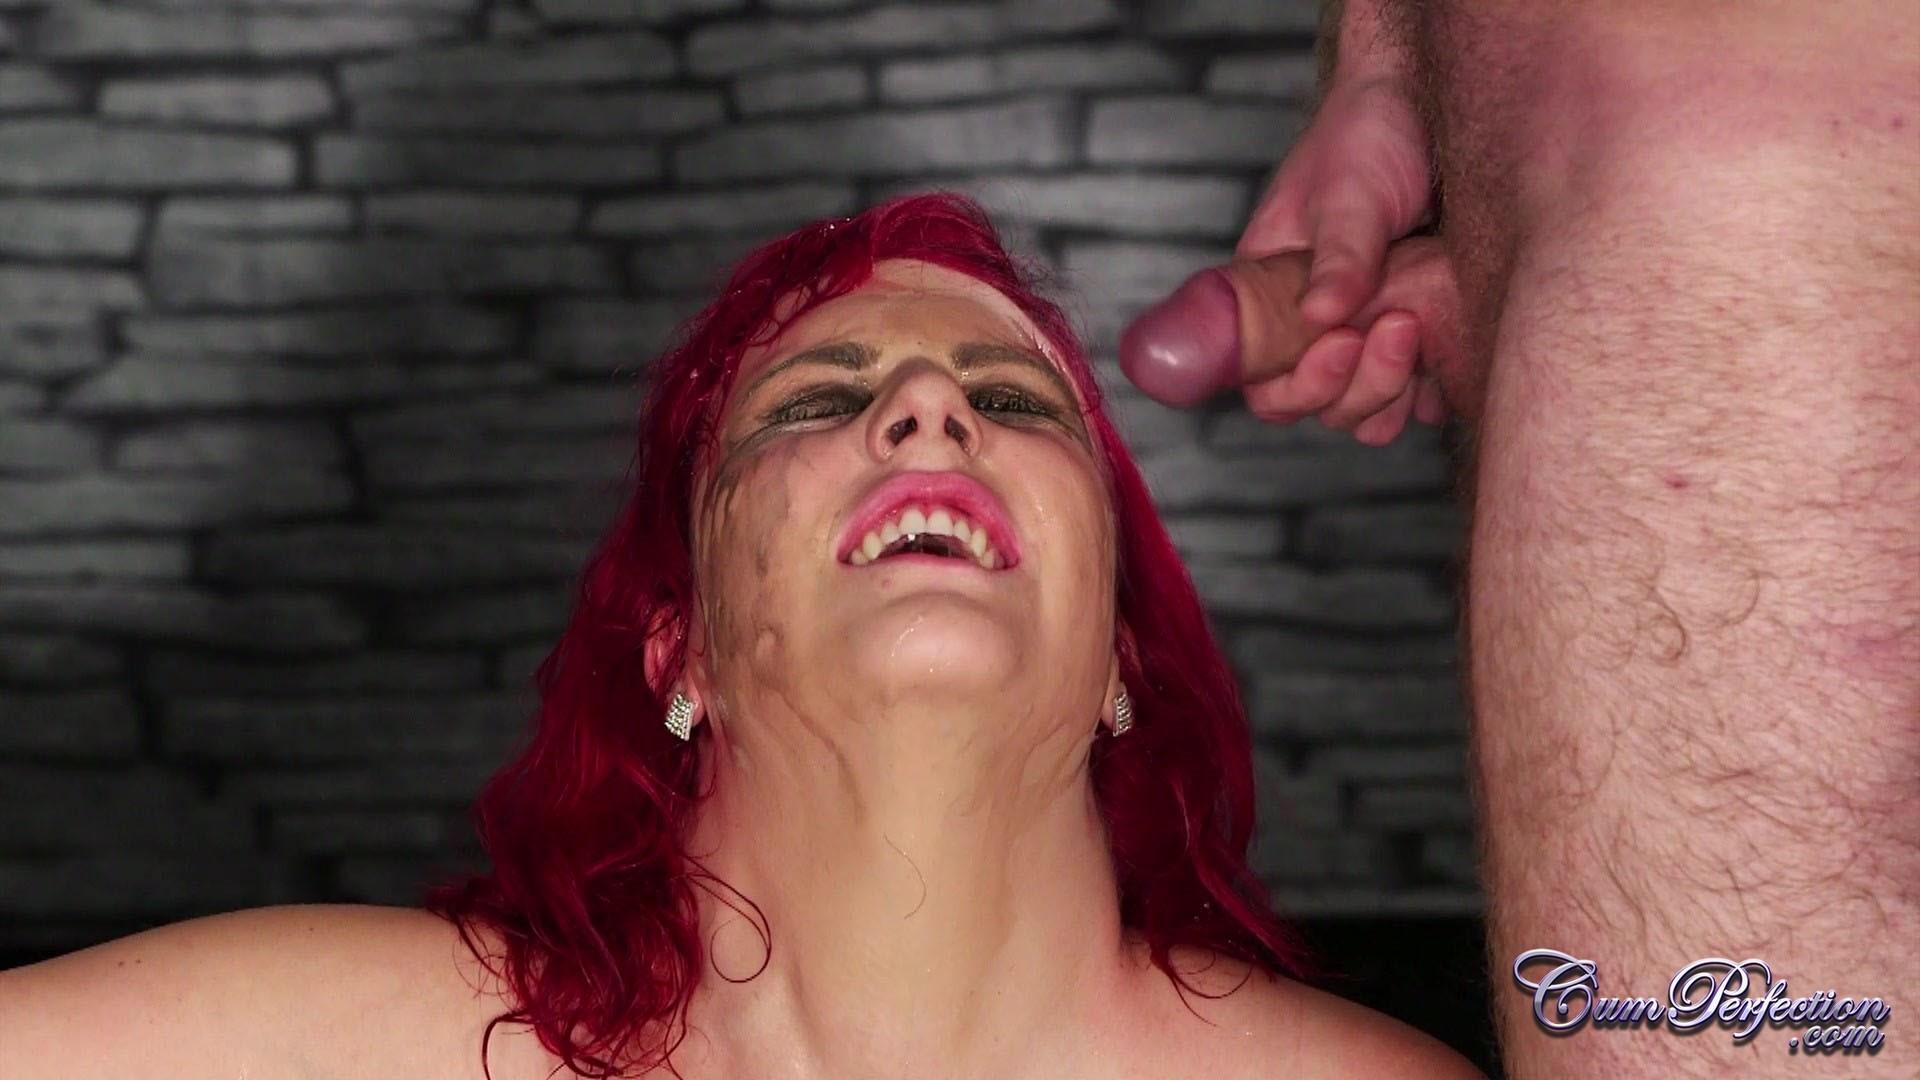 Развратная женщина с необычной внешностью показывает свою смелость в сексуальном плане